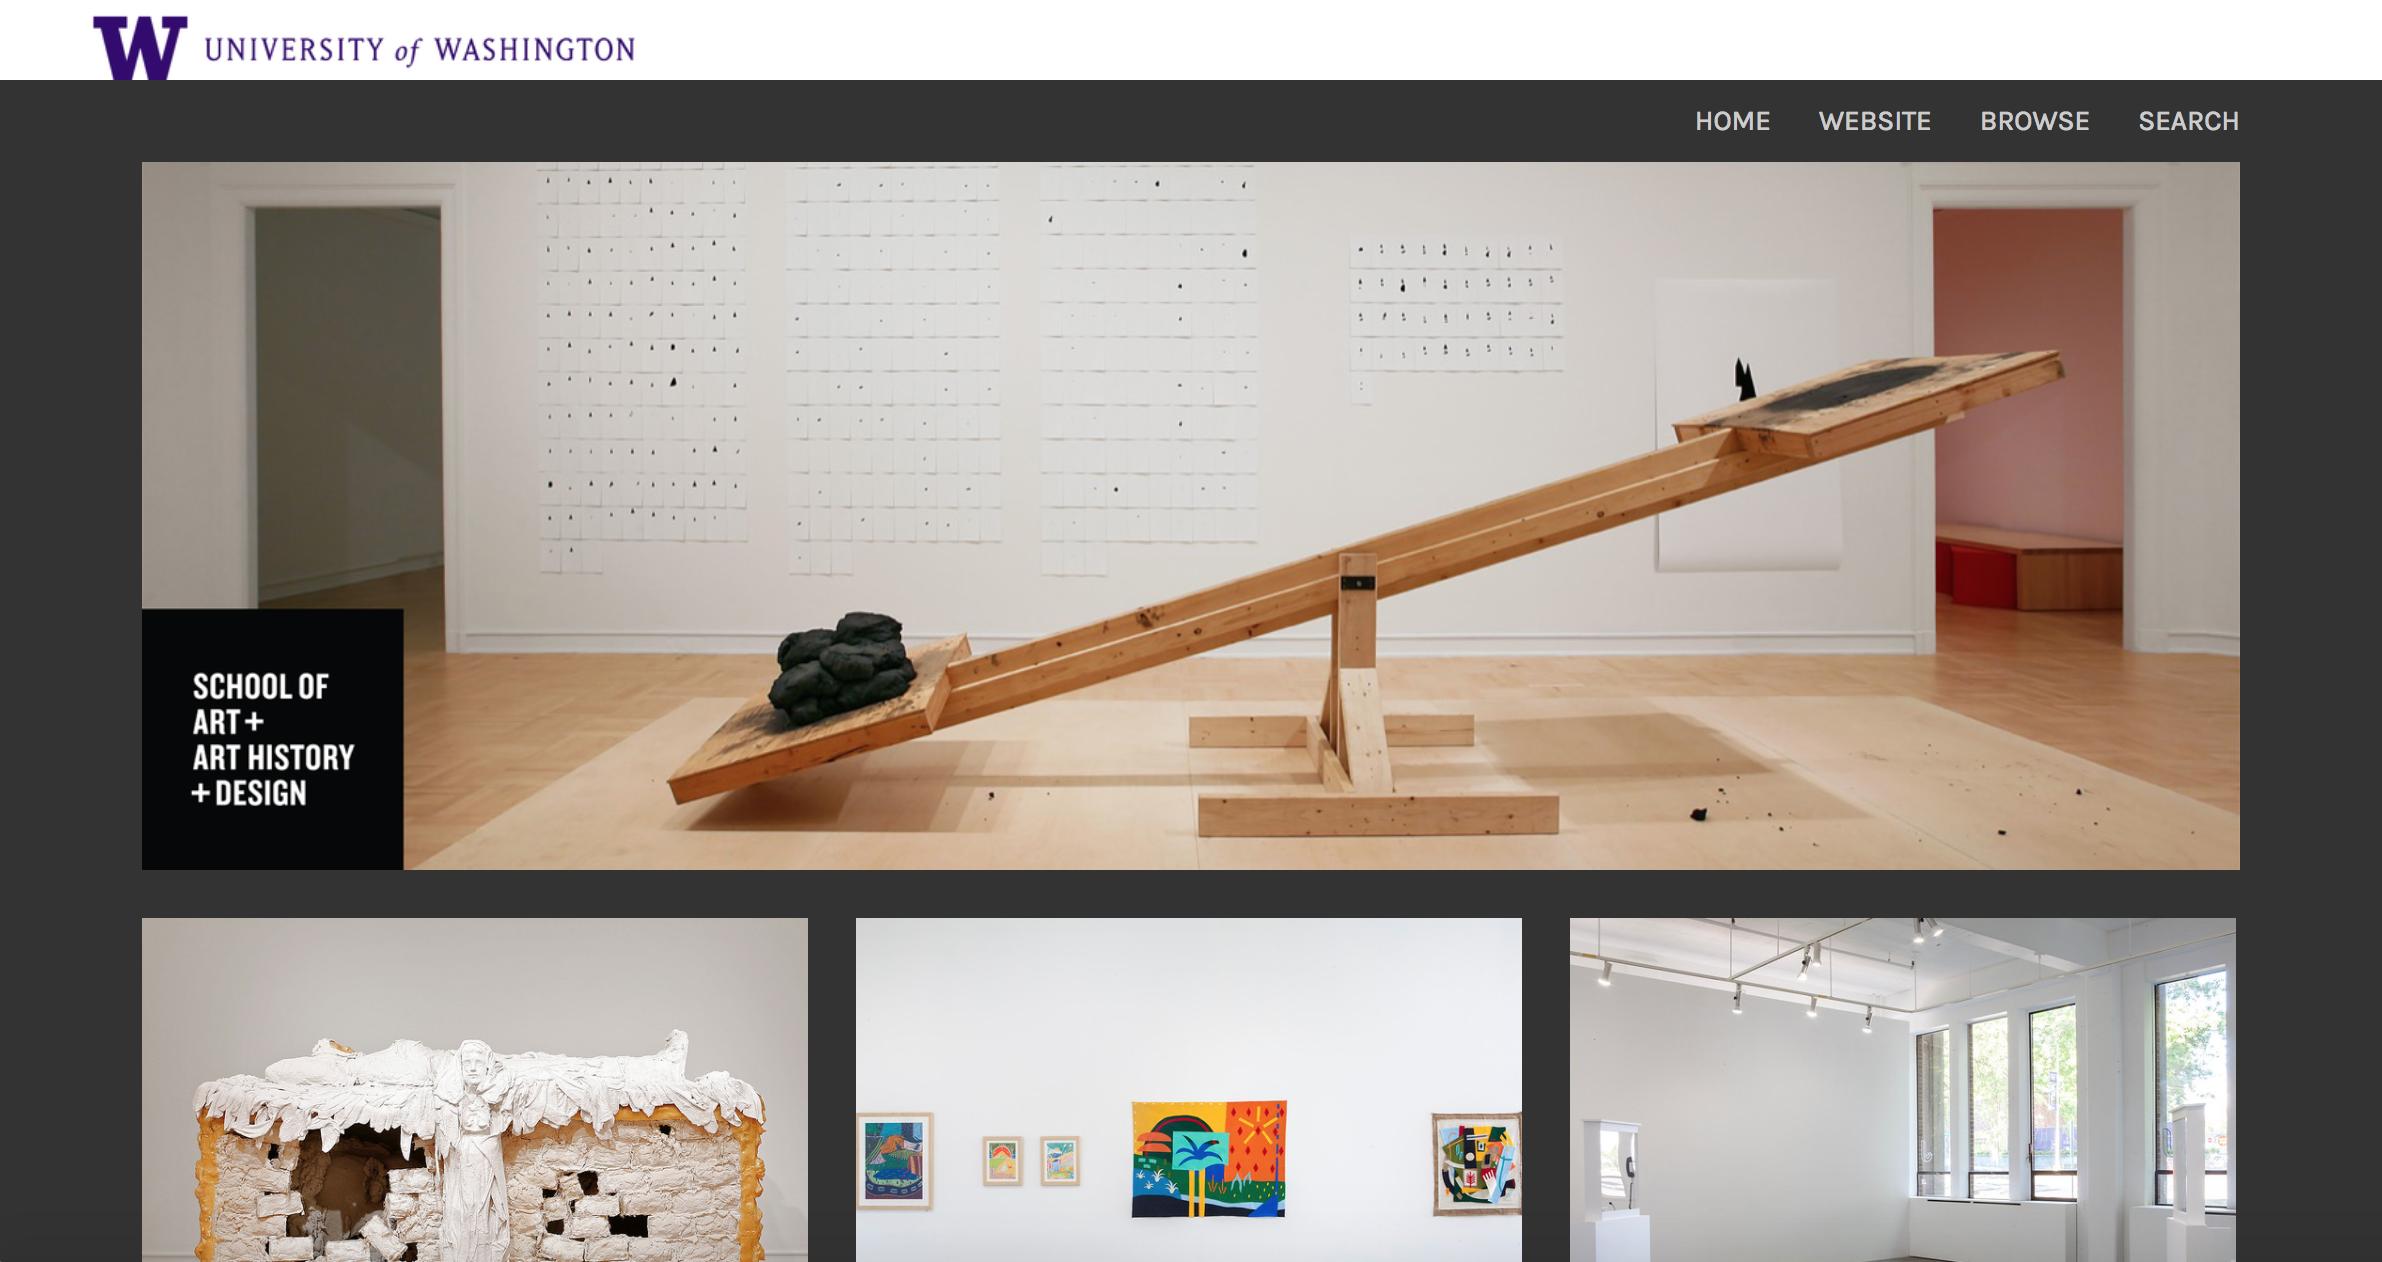 UW School of Art + Art History + Design Photo Website Homepage